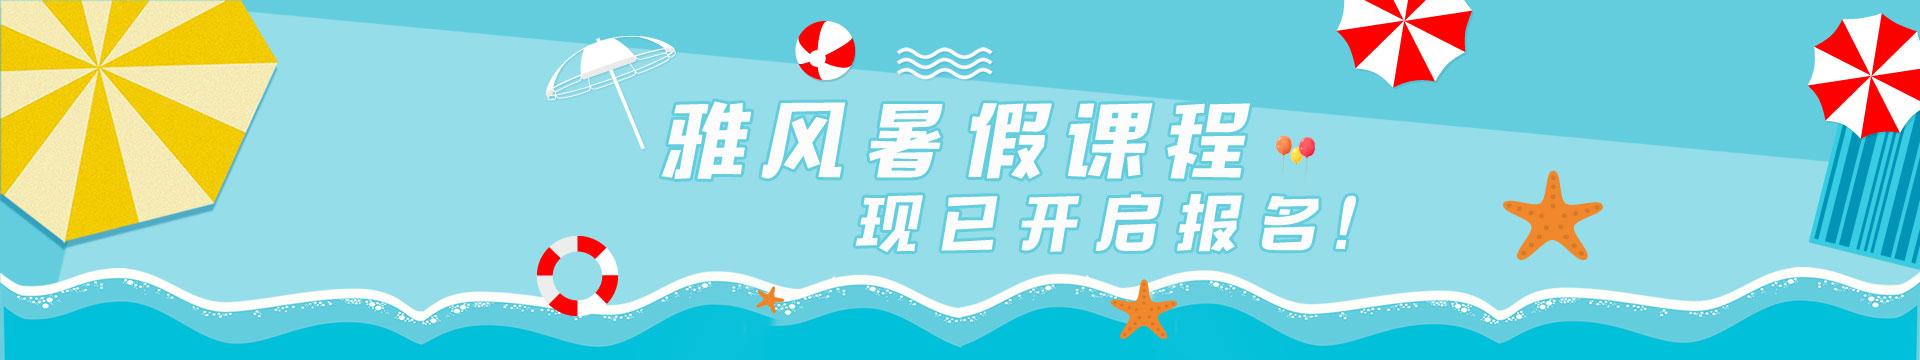 2019雅风小语种暑假课程